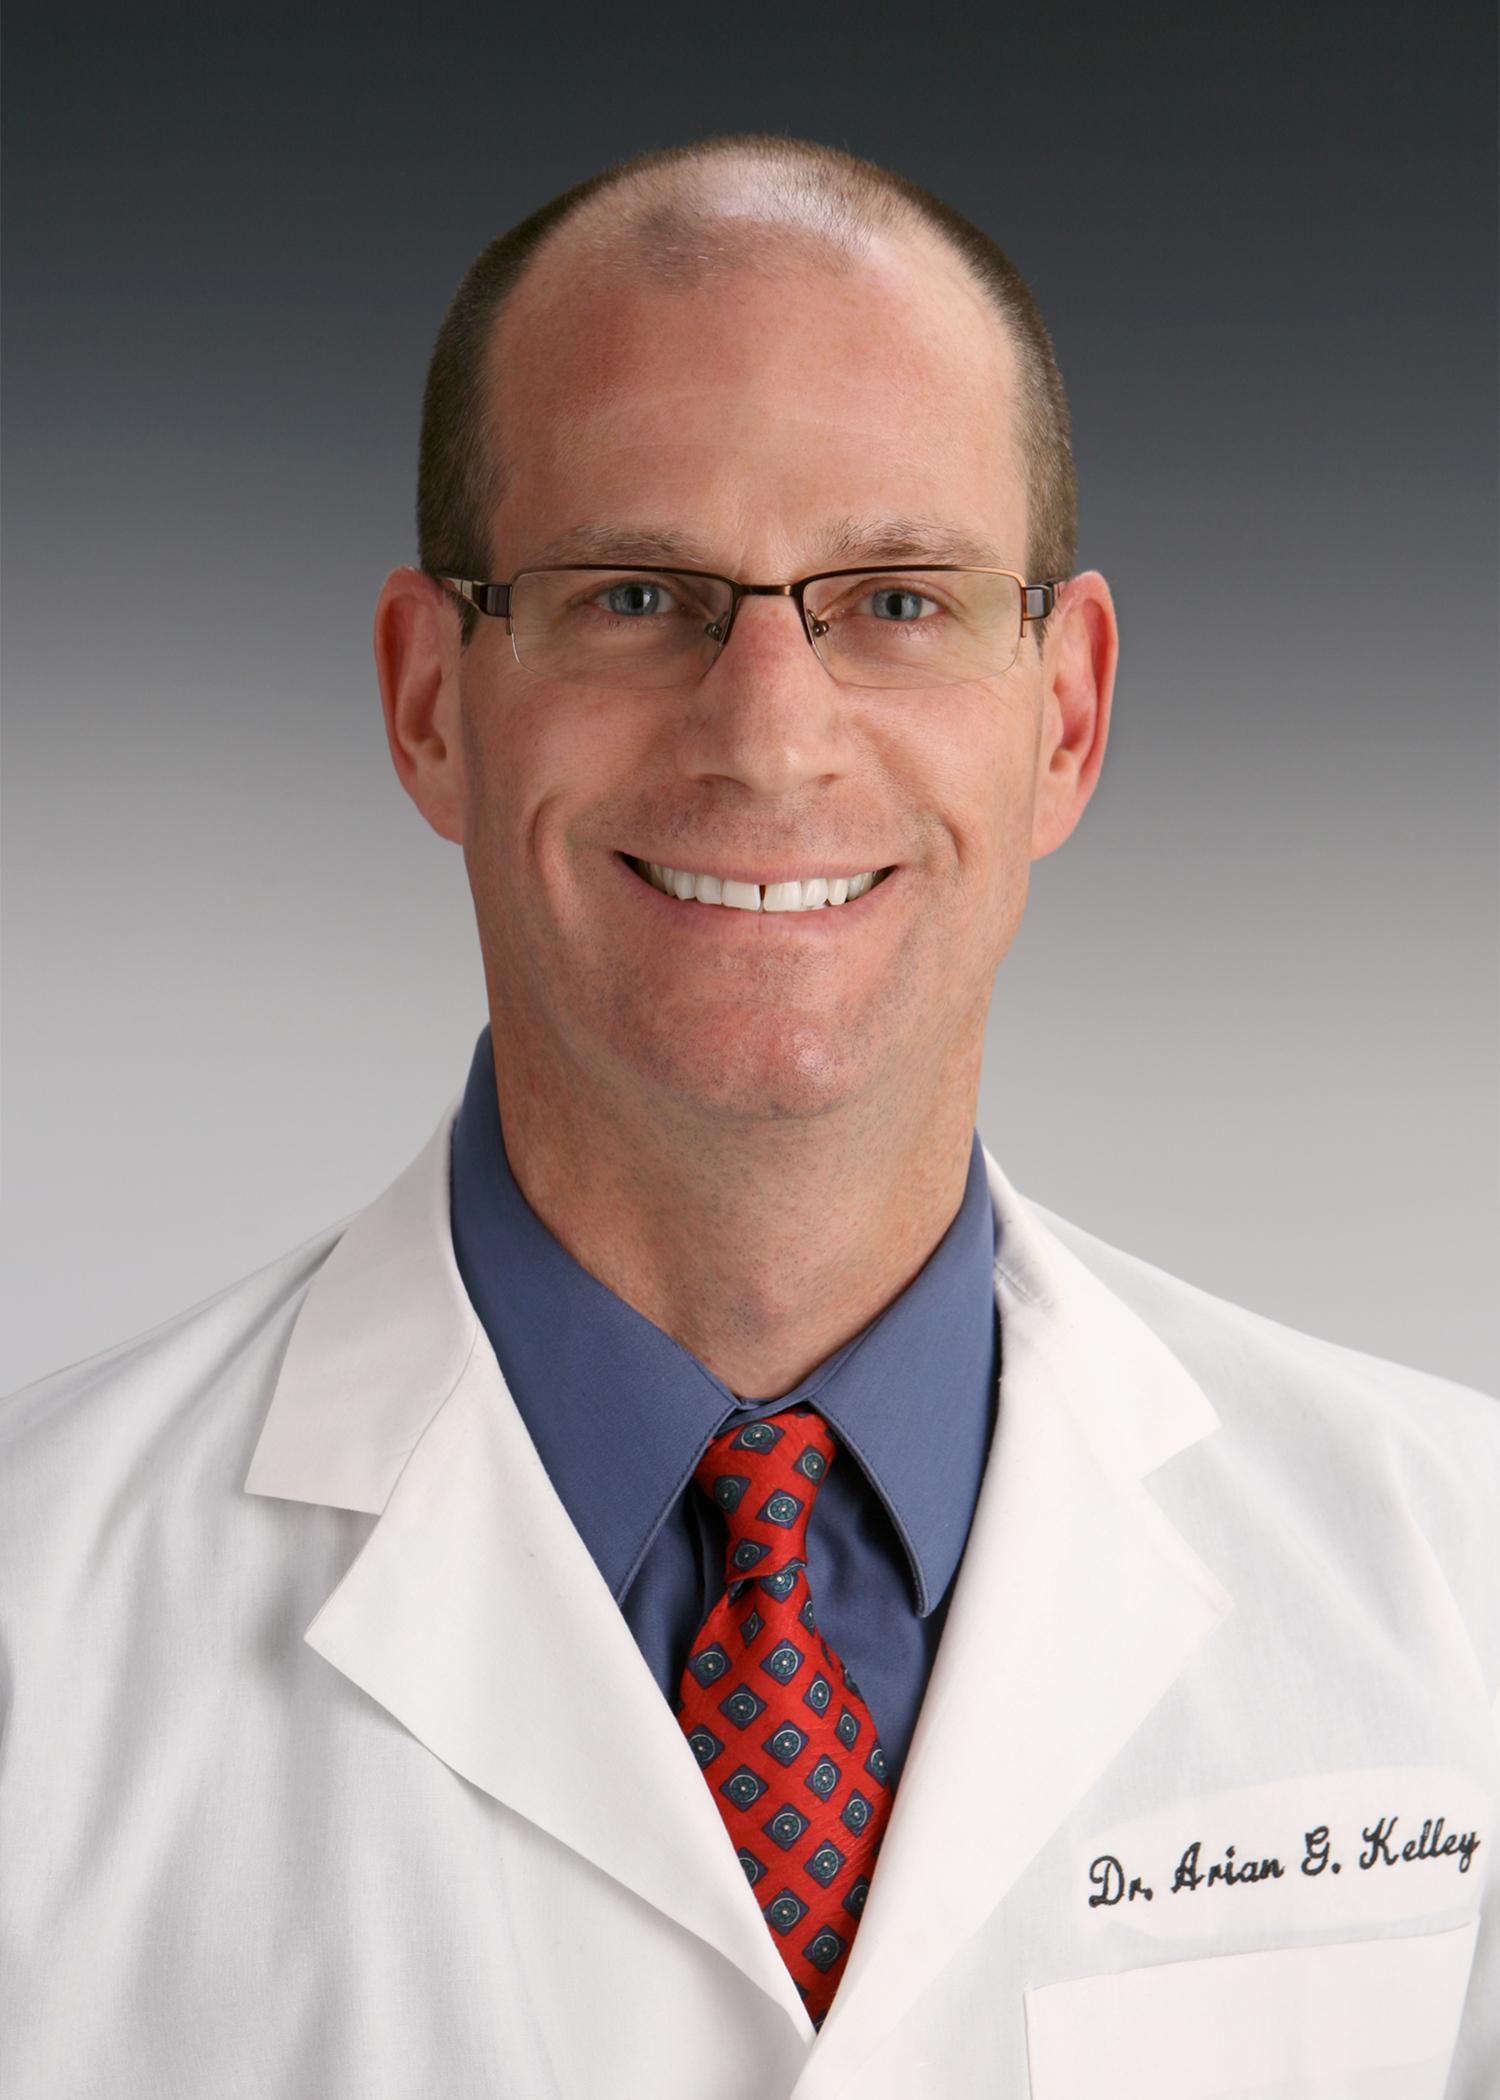 DR. ARIAN KELLEY DC